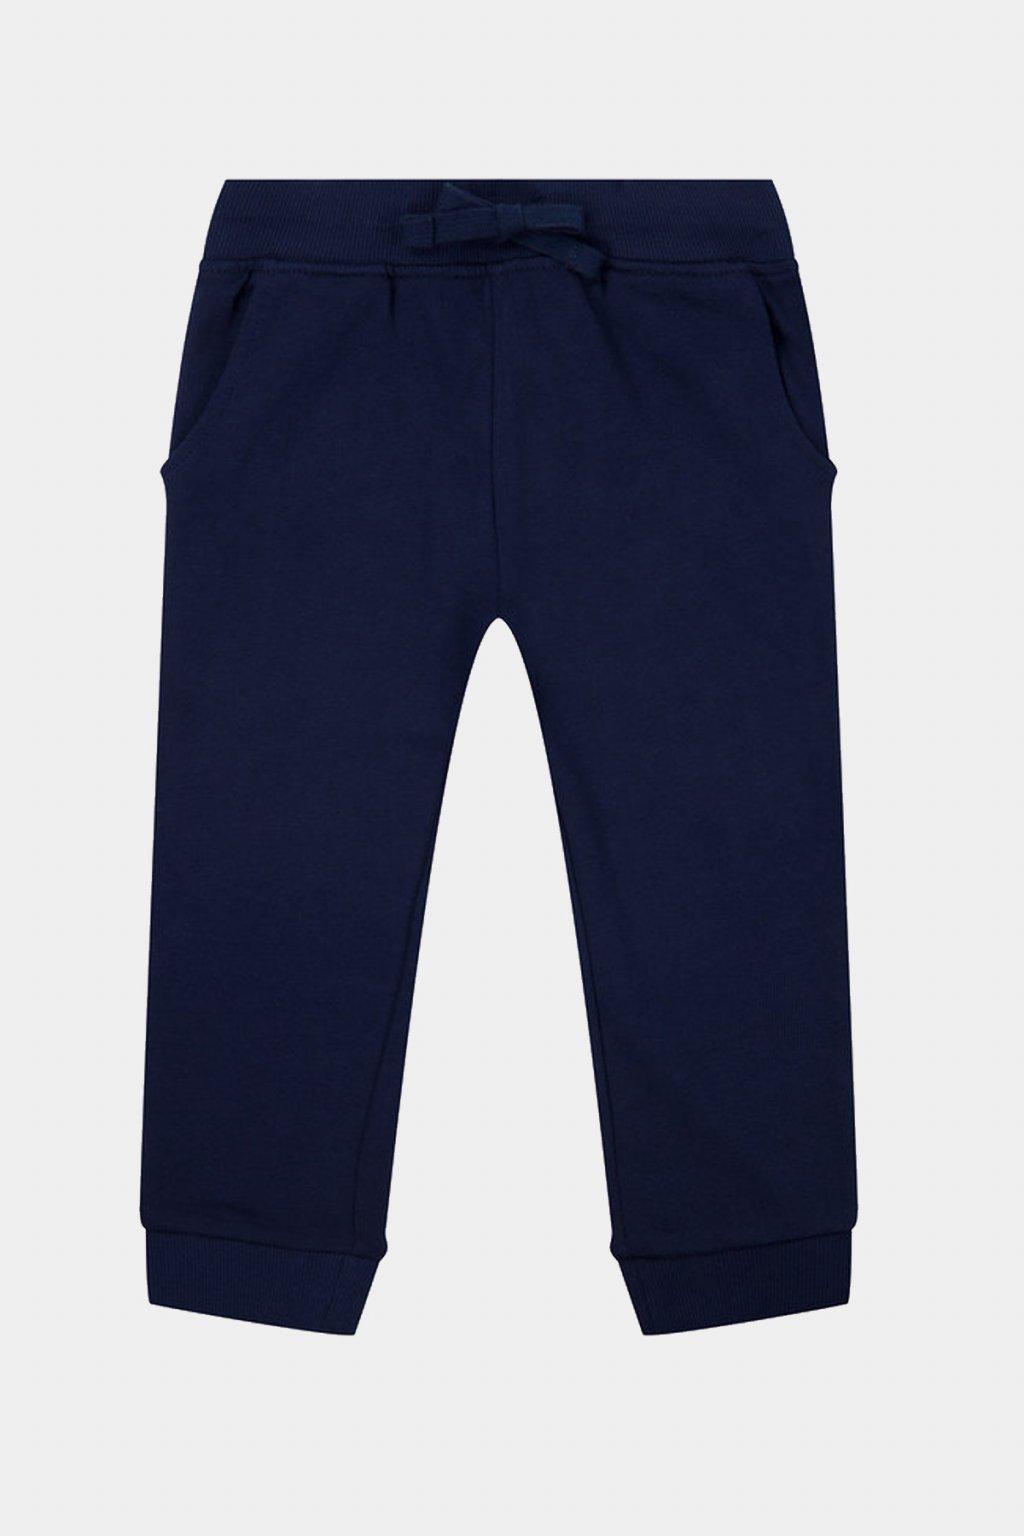 """Guess - Teplákové kalhoty """"CORE LINE"""" (Barva Tmavě modrá, Velikost 122)"""